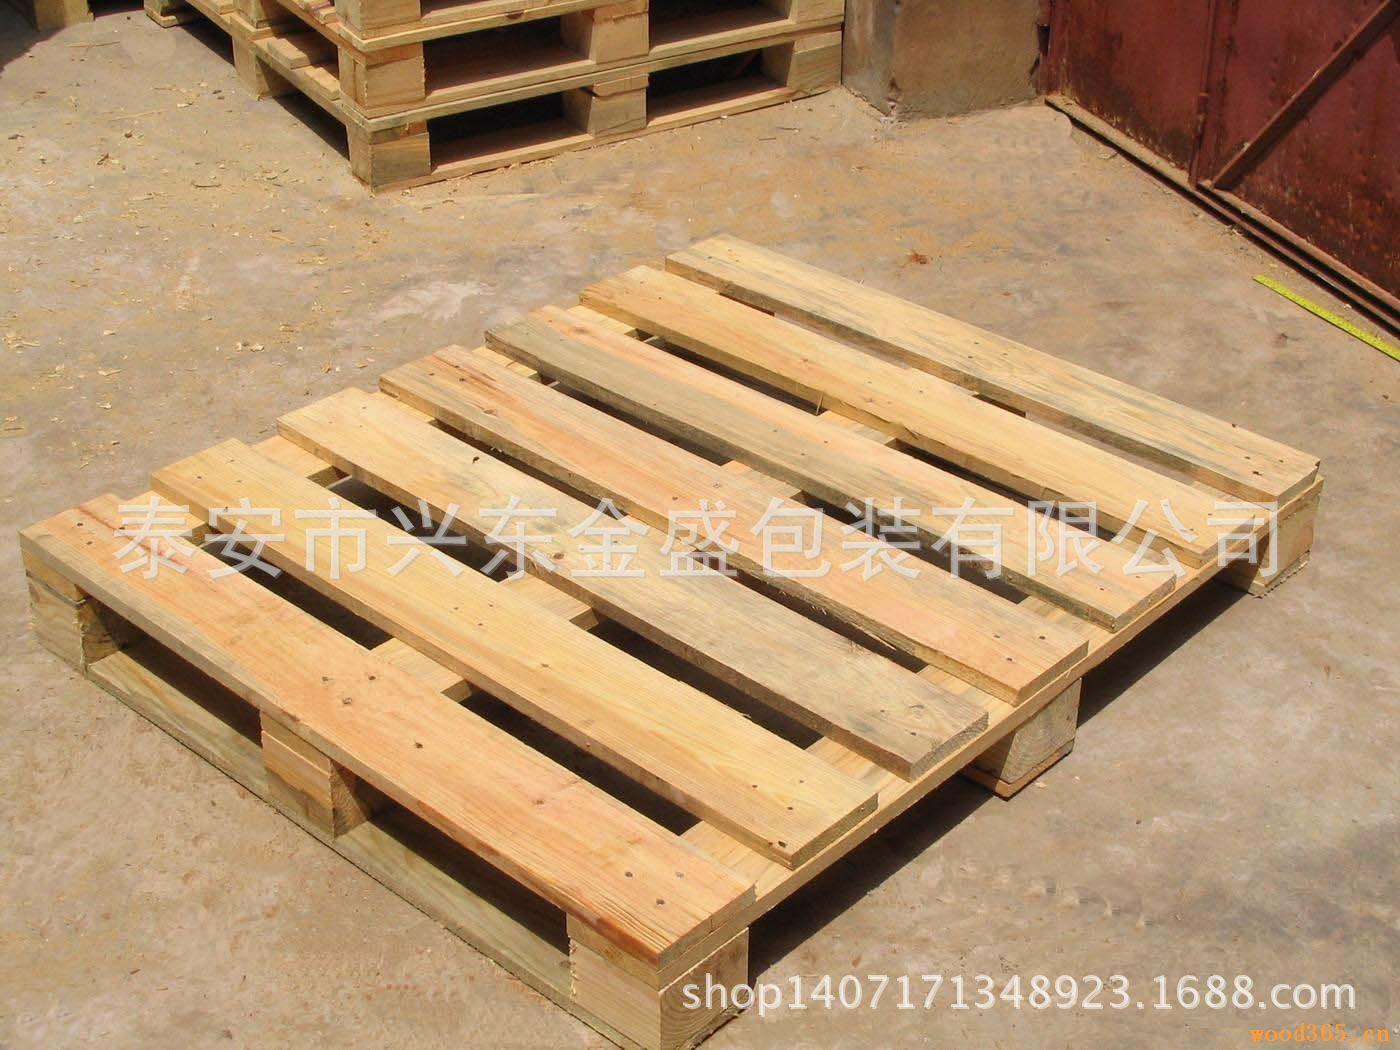 厂家供应批发质优木托盘 木制托盘 可需加工定制 价格优惠